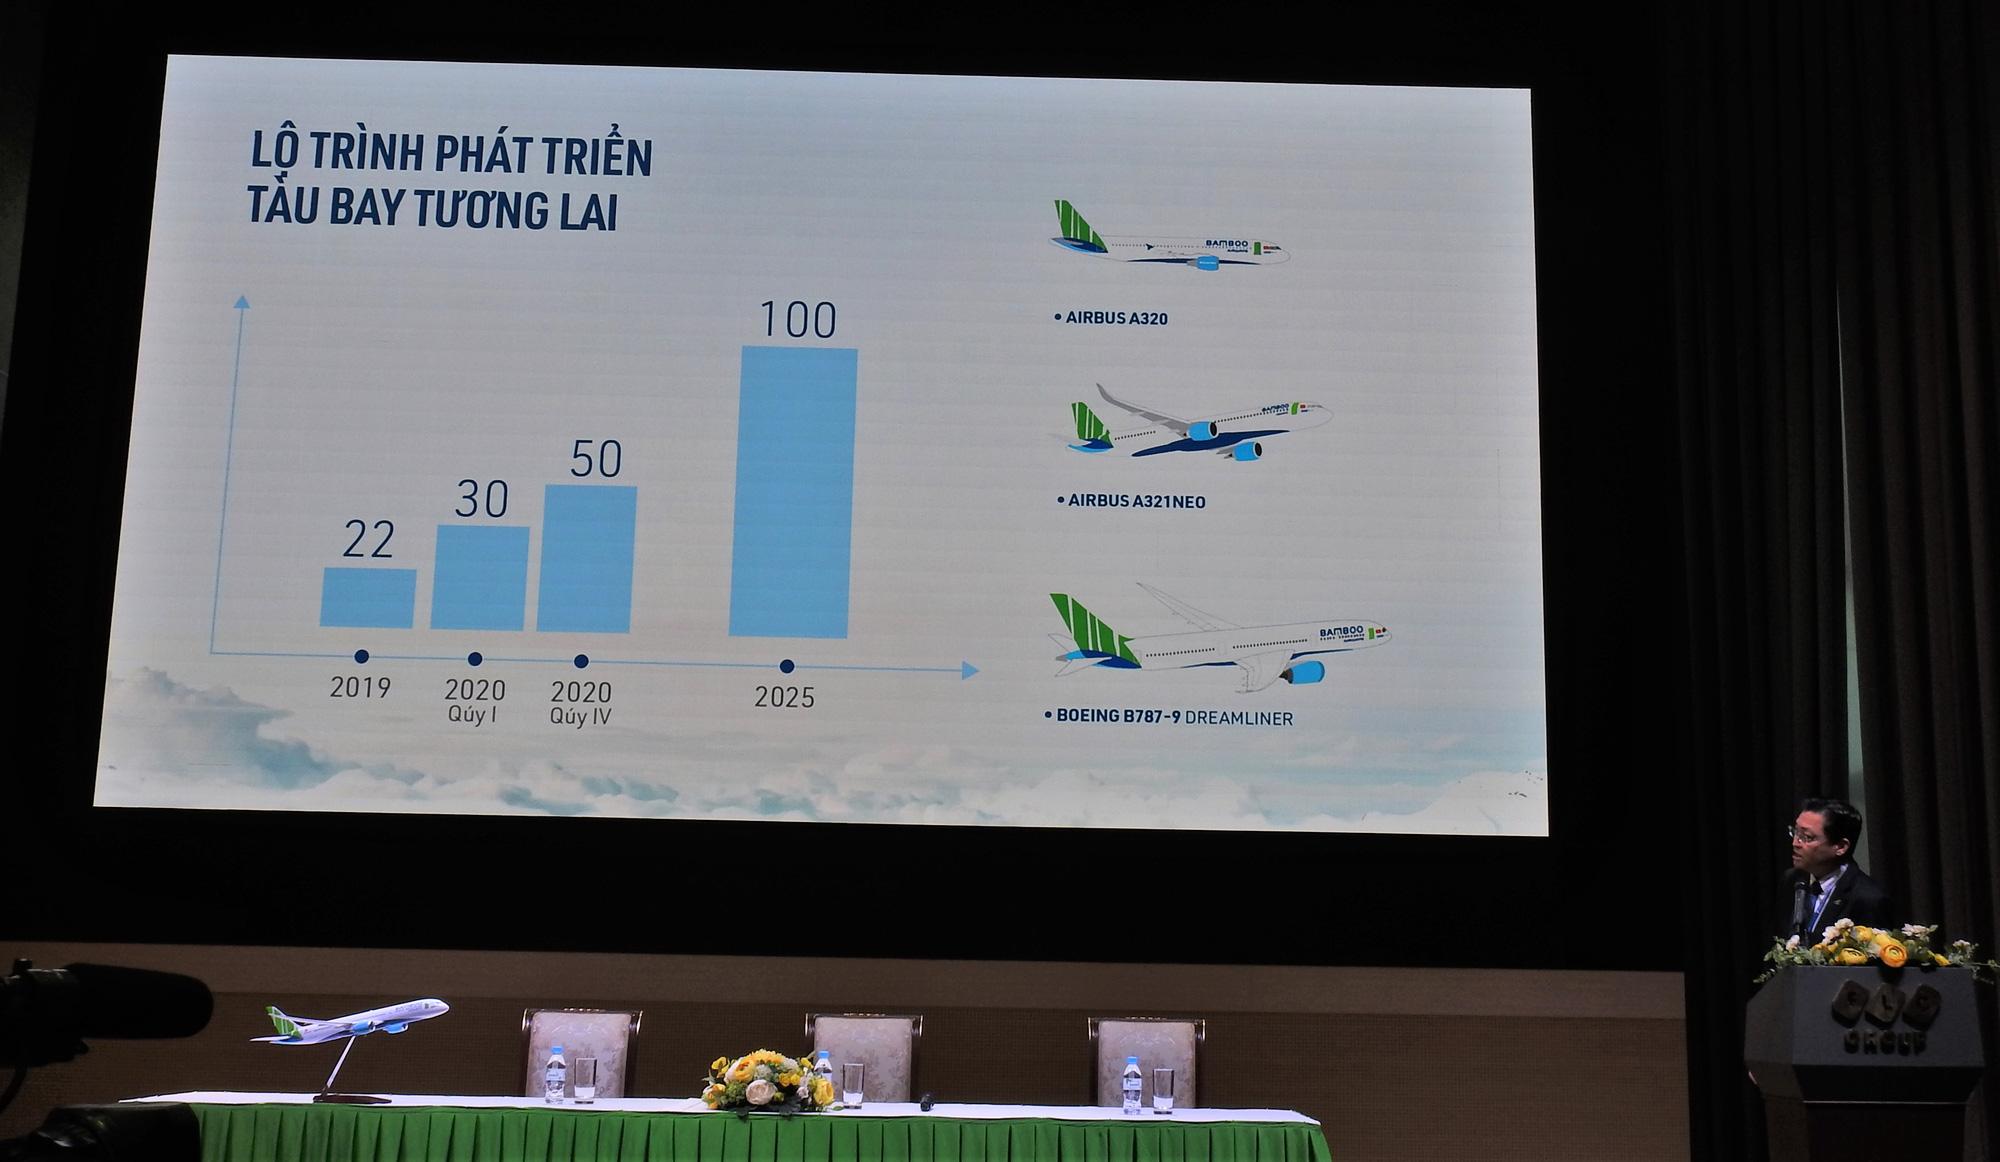 2dh Aviation | Nhu cầu khổng lồ từ khách nước ngoài và tầng lớp trung lưu, Việt Nam có thể cần tới 10 hãng hàng không